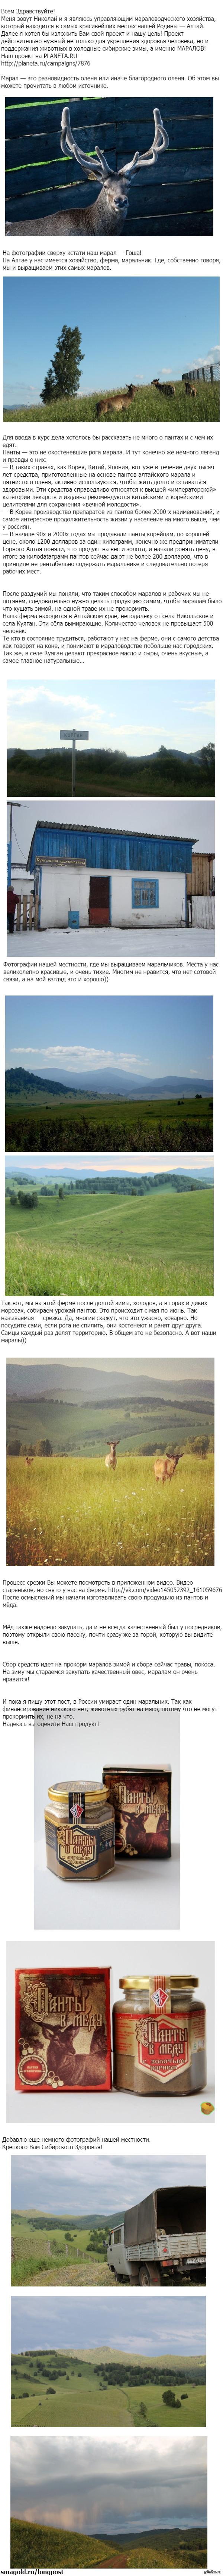 Покорми Марала! Мой первый длиннопост. Рассказ о выжившем хозяйстве на Алтае. А именно о маральнике. Более подробно по ссылке - http://planeta.ru/campaigns/7876